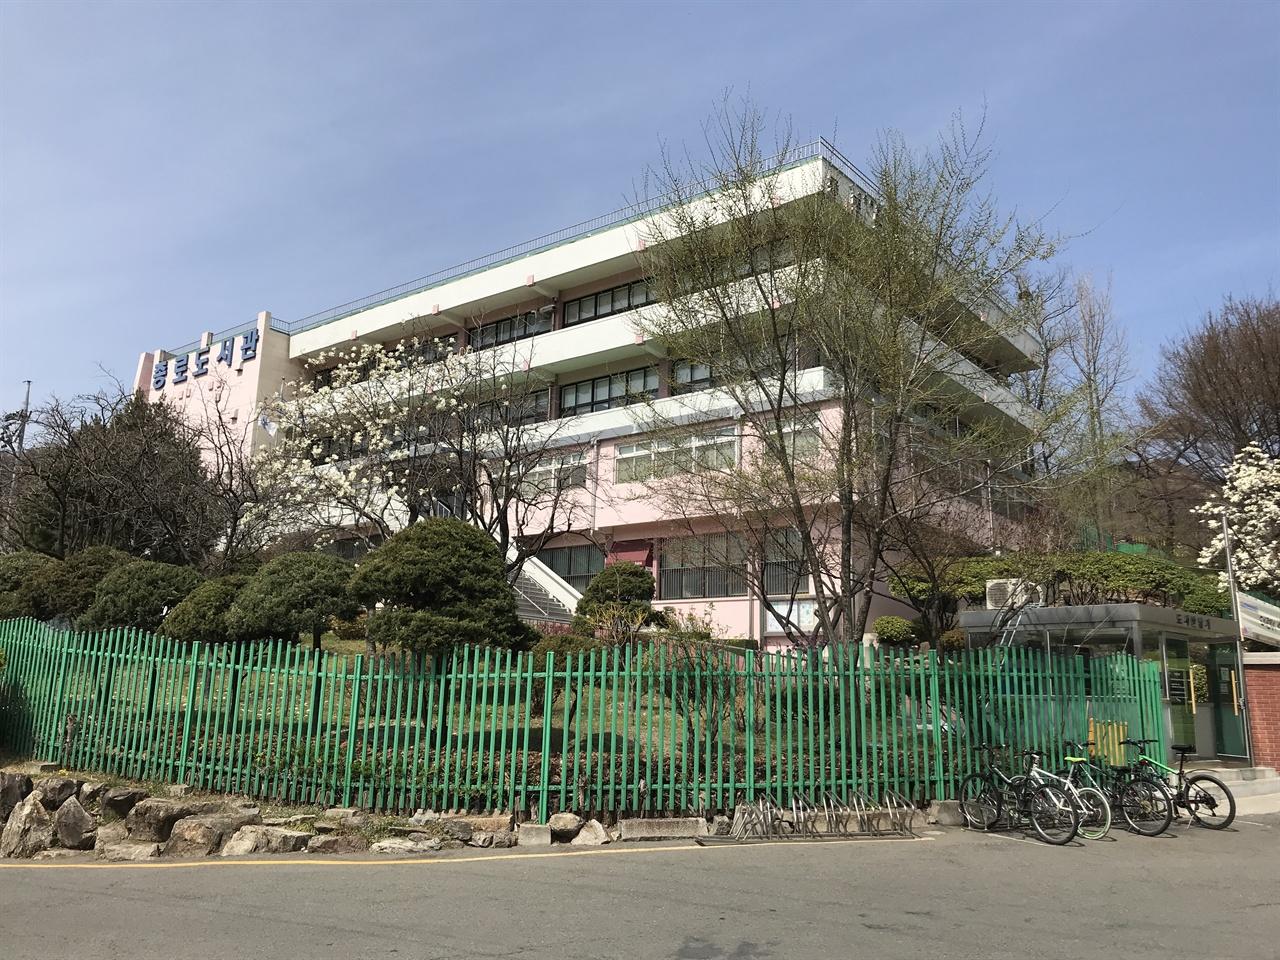 1968년 사직공원에 재개관한 종로도서관 재개관 당시 종로도서관은 6만 권의 장서를 소장했고 하루 600여 명의 시민이 이용했다. 비슷한 시기인 1968년 8월 1일 종로도서관 근처에 사직 파라다이스 수영장이 문을 열었다. 사직 파라다이스 수영장은 1969년 개장한 장충 수영장과 함께 인기 있는 서울의 야외 수영장이었다. 야외 수영장에서 수영복 차림으로 물놀이하는 선남선녀를 훔쳐보고 싶어서였을까. 한때 종로도서관에서 가장 인기 있는 좌석은 야외 수영장을 바라볼 수 있는 '창가' 자리였다.